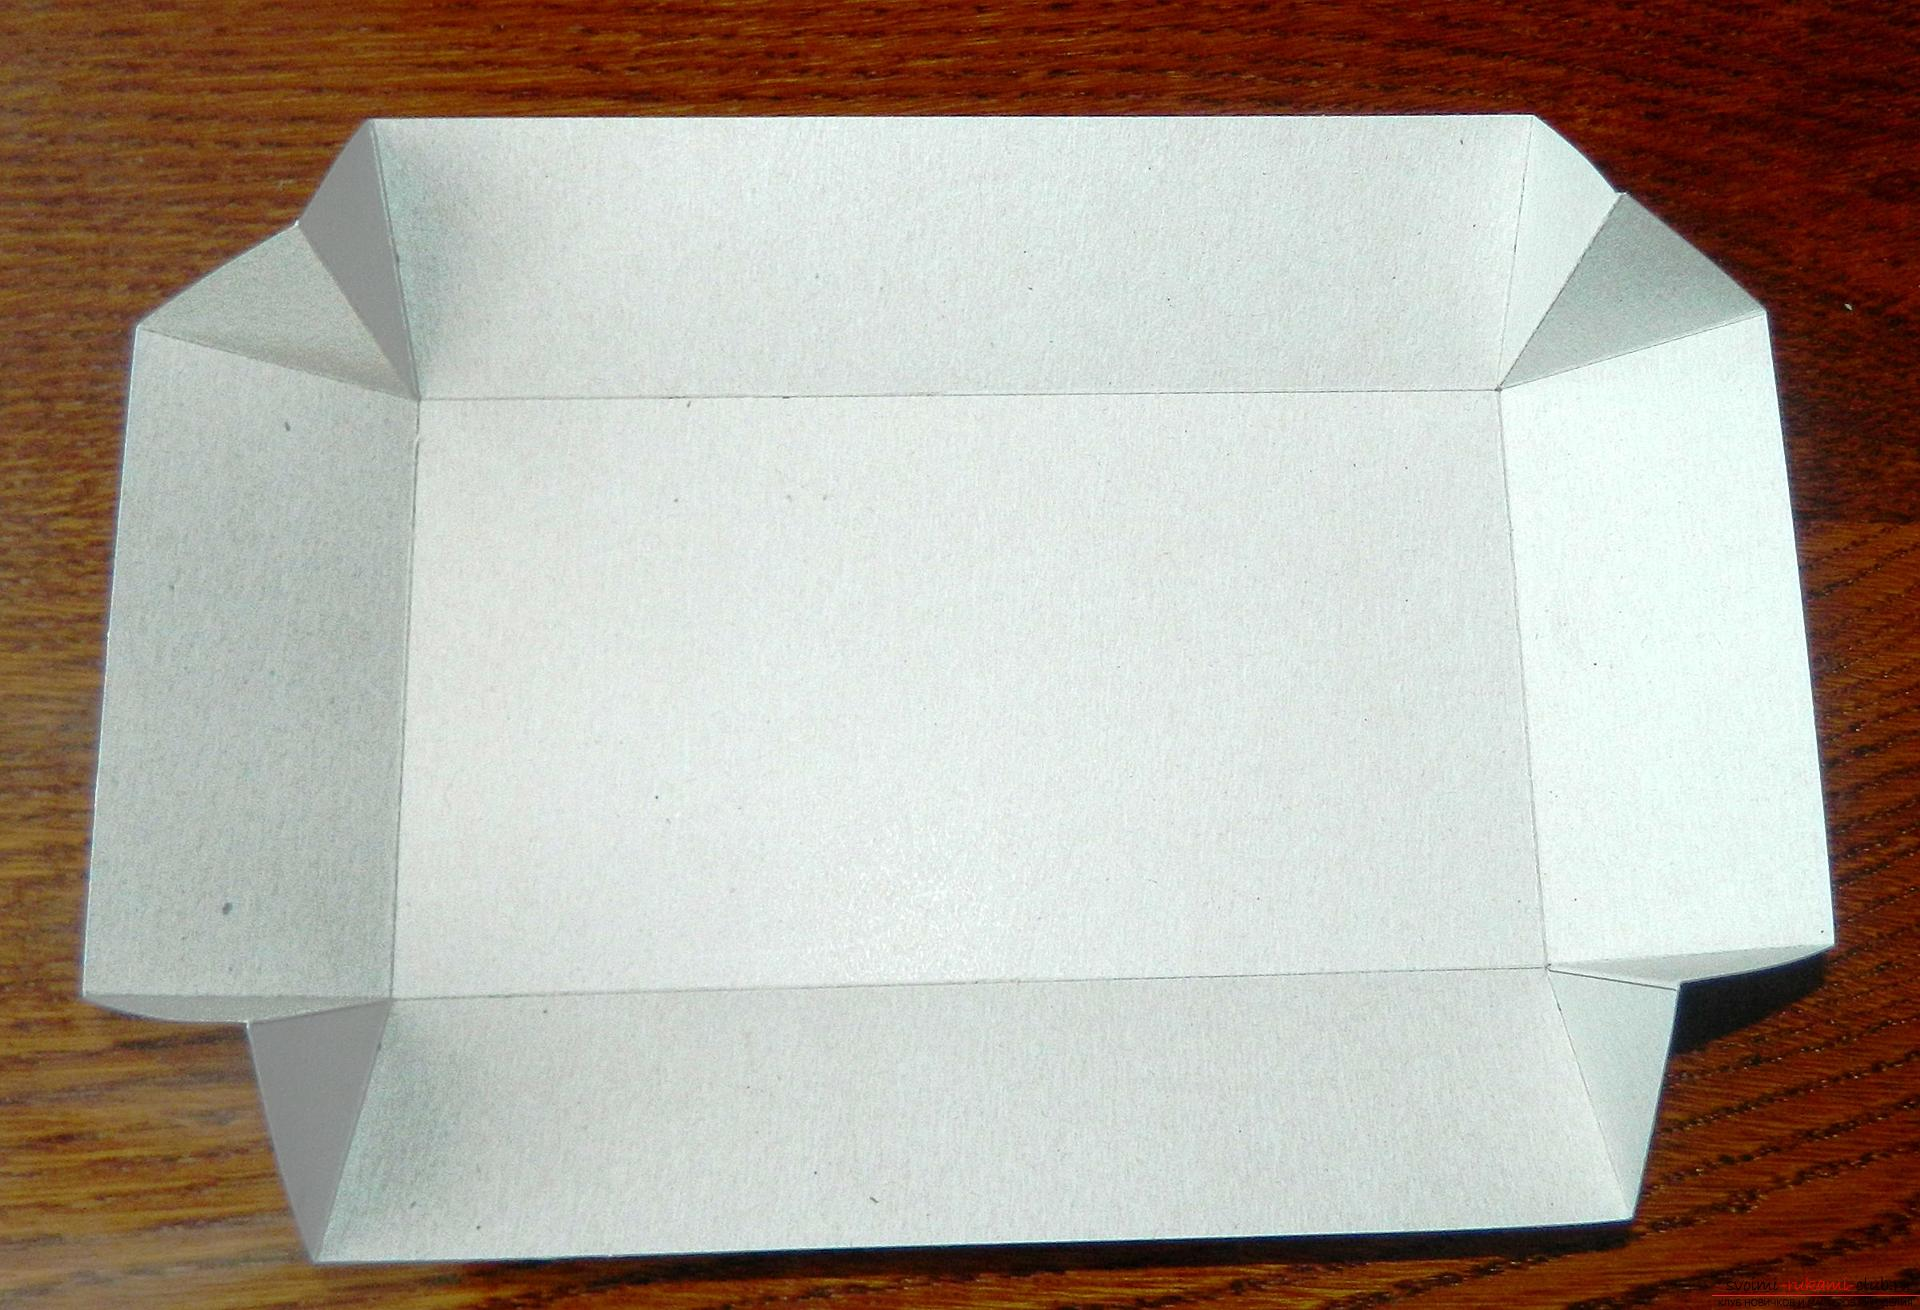 Коробочка для подарков своими руками из бумаги или картона: шаблоны и схемы